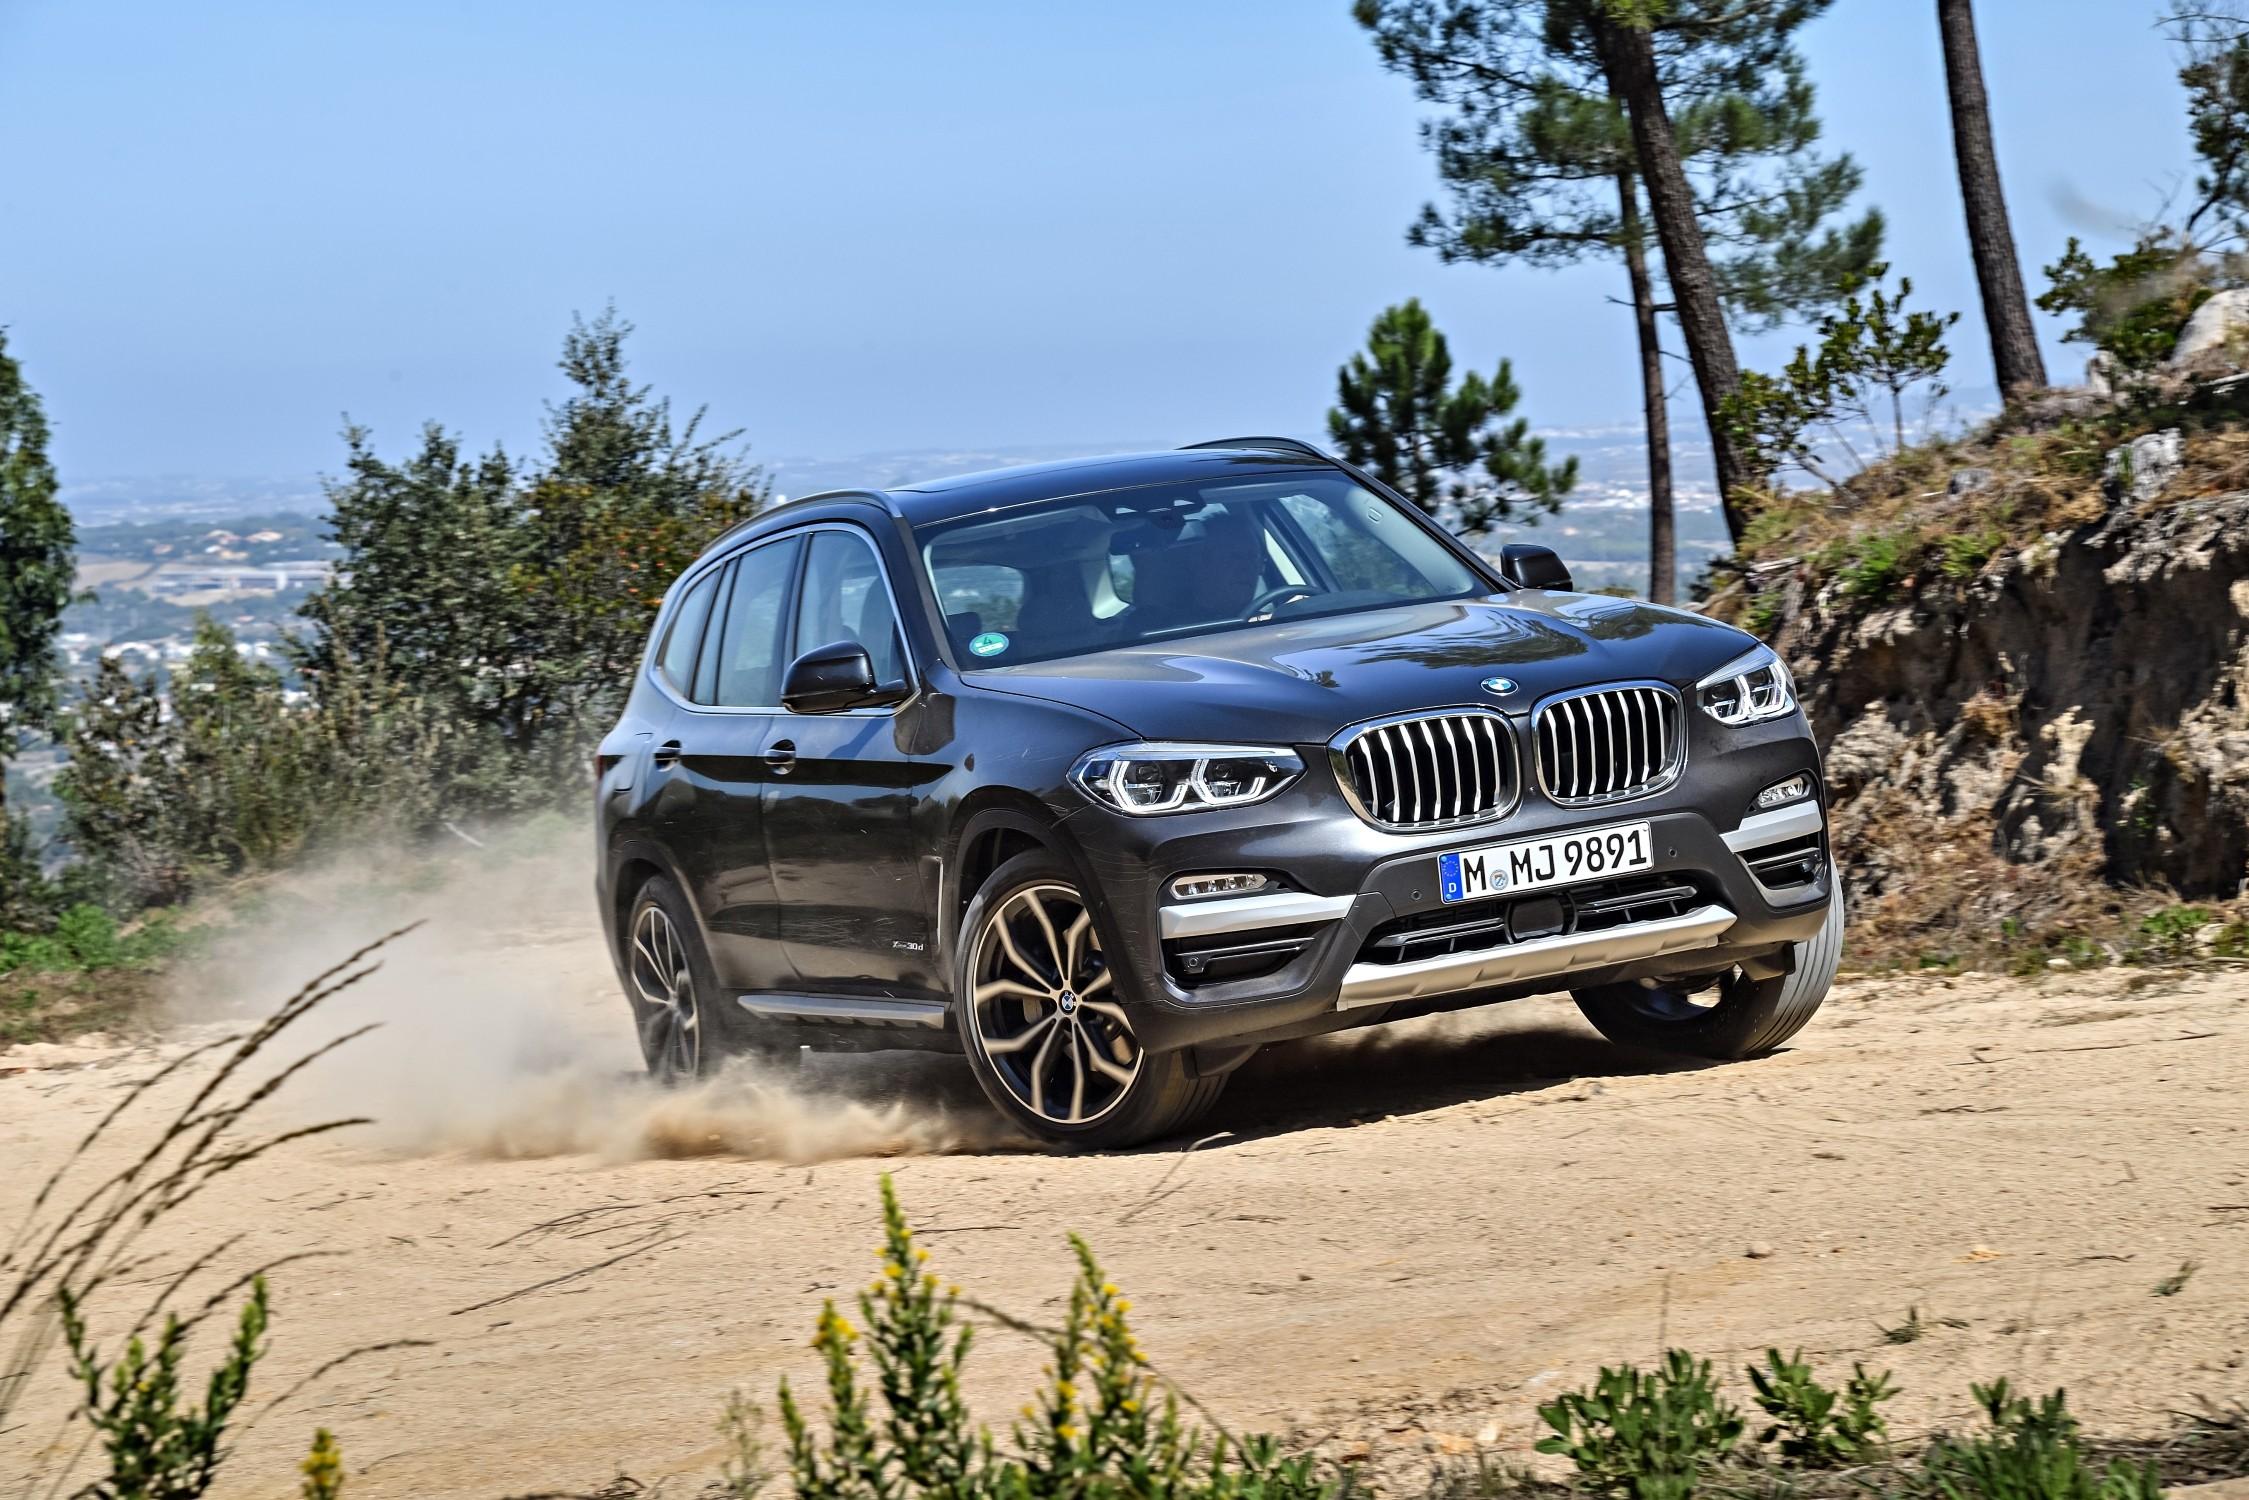 Popularna izdanja BMW obitelji X sada dolaze s 4 godine gratis produženog jamstva